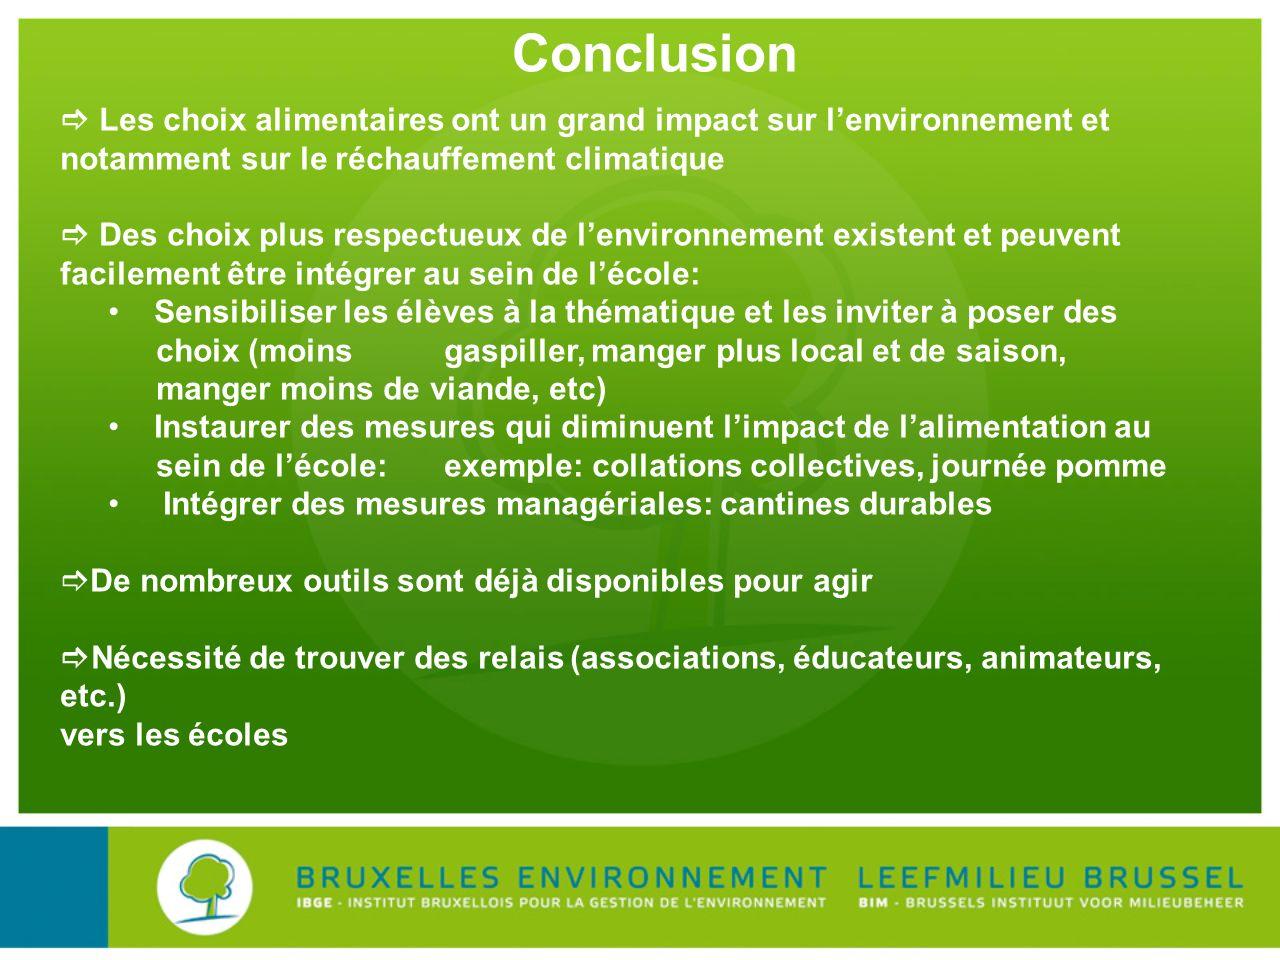 Conclusion  Les choix alimentaires ont un grand impact sur l'environnement et notamment sur le réchauffement climatique.